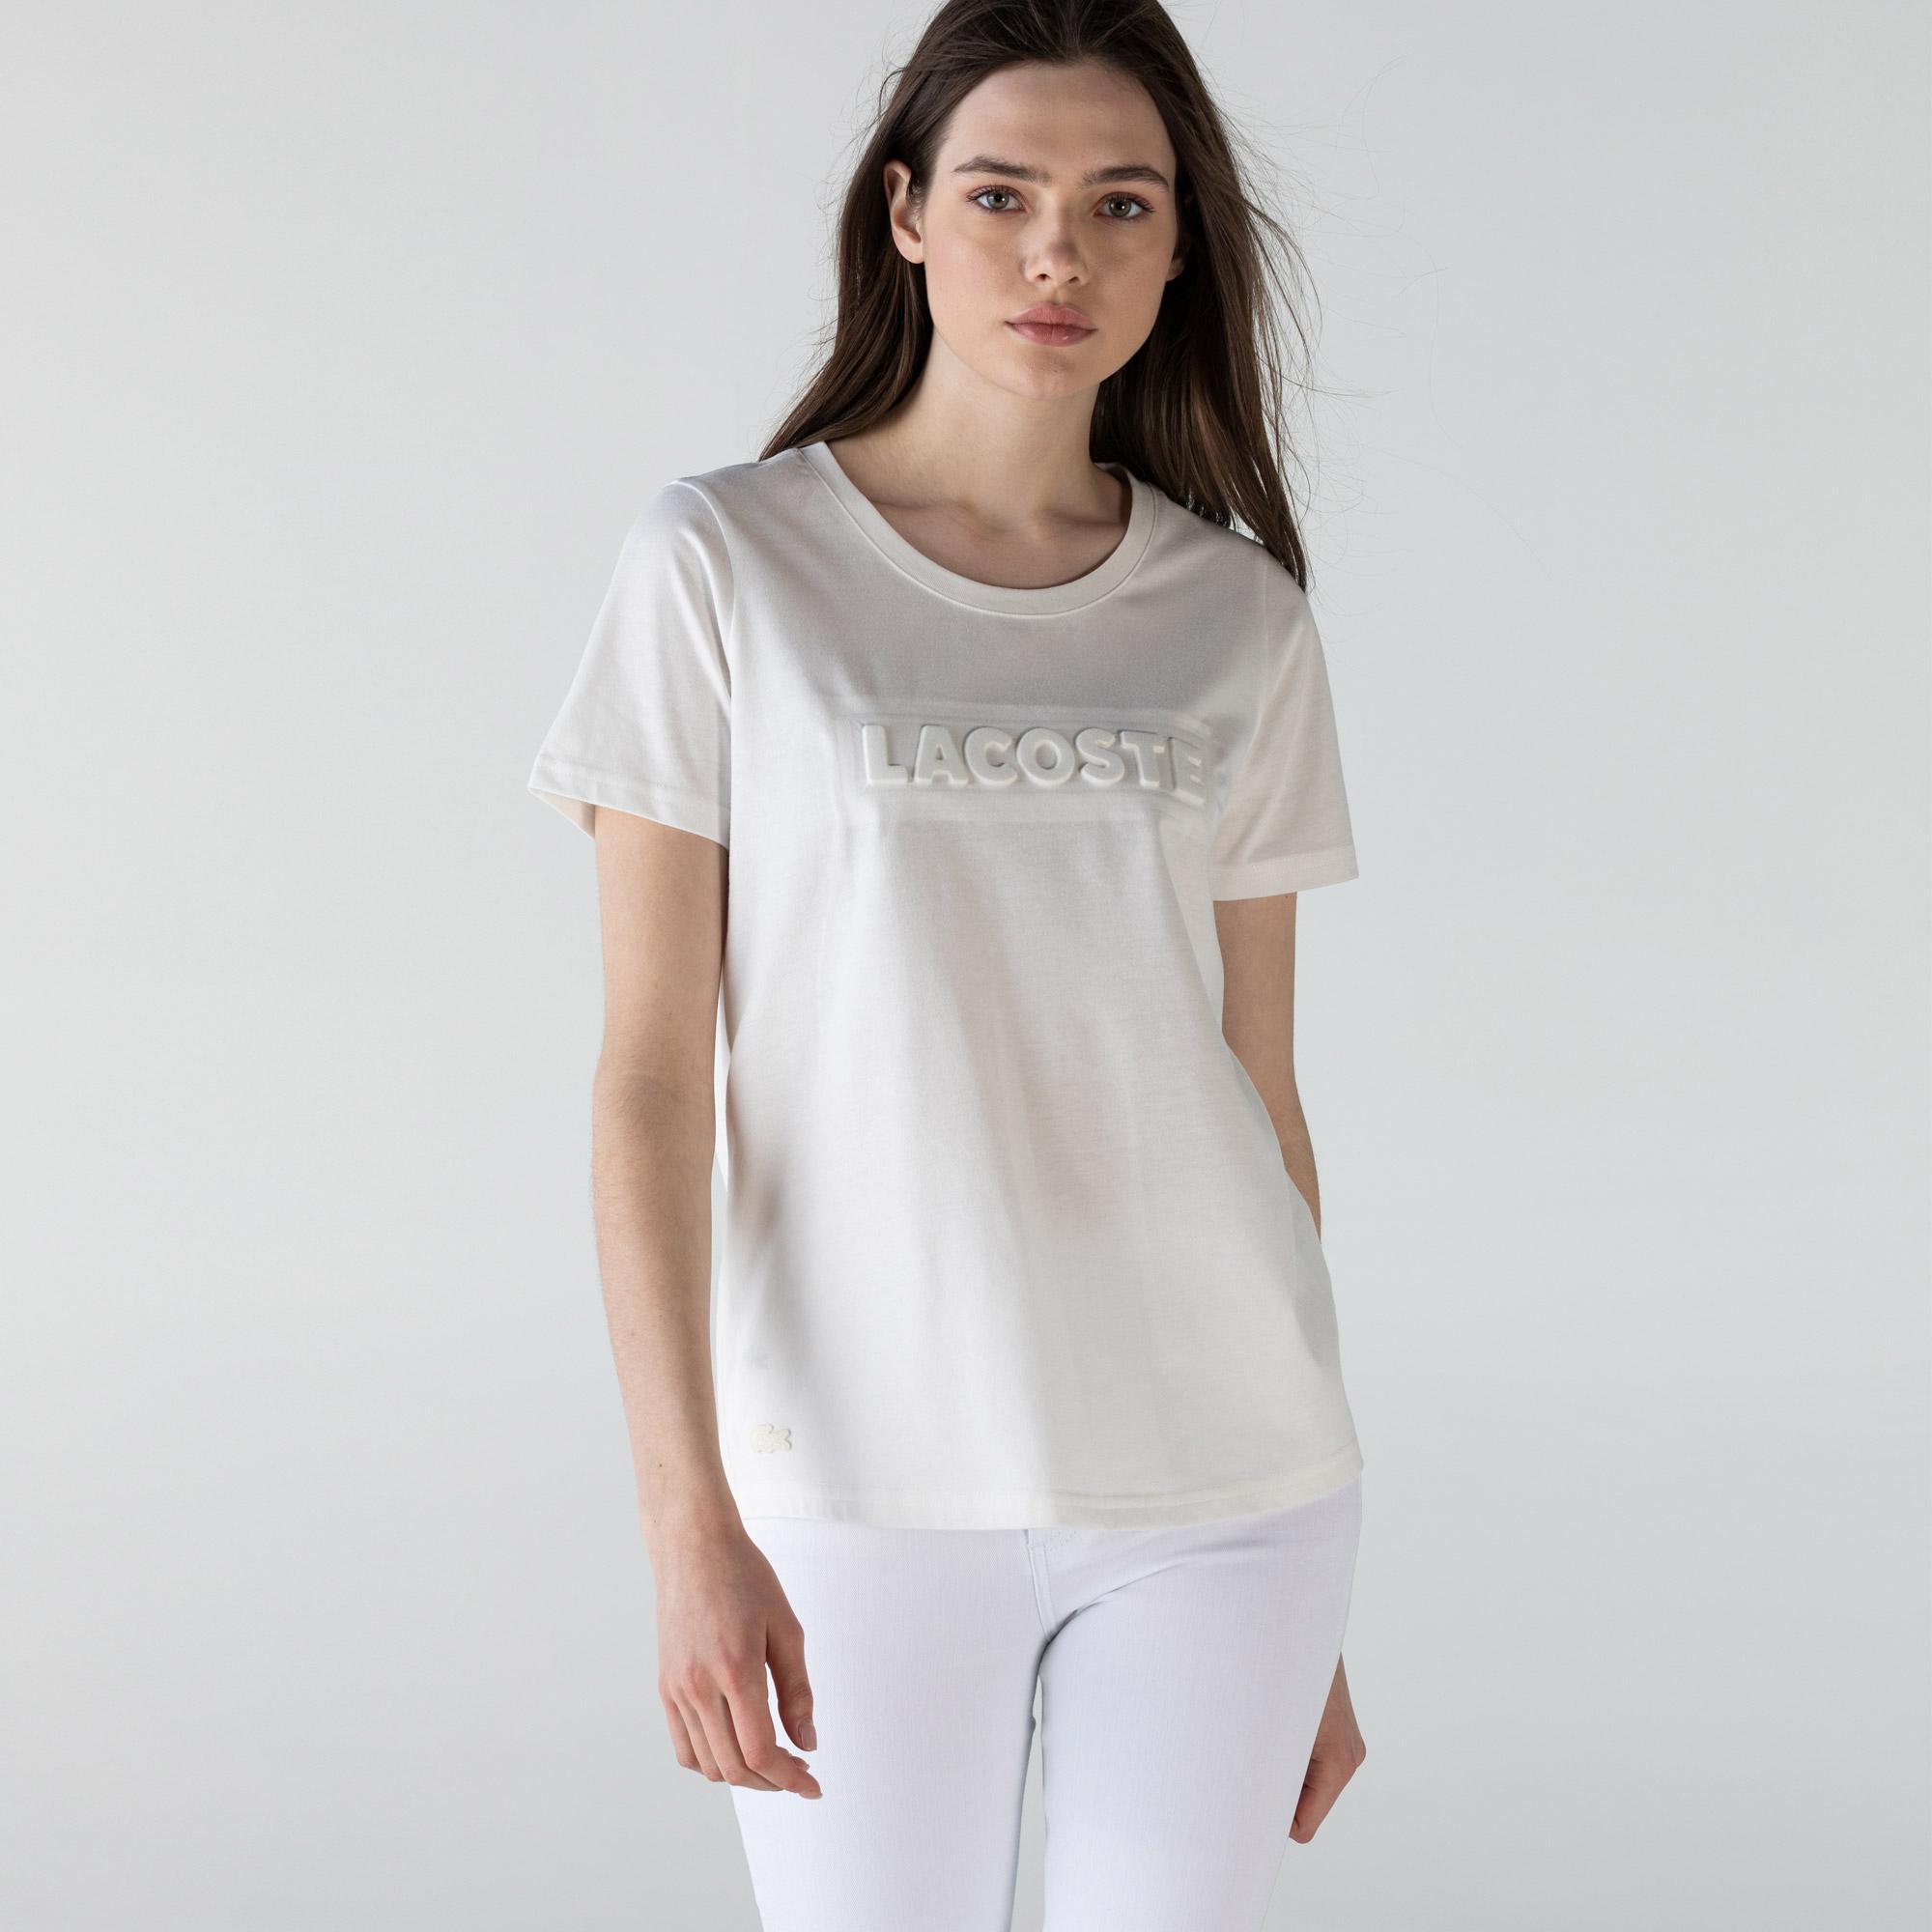 Lacoste Kadın Bisiklet Yaka Baskılı Beyaz T-Shirt